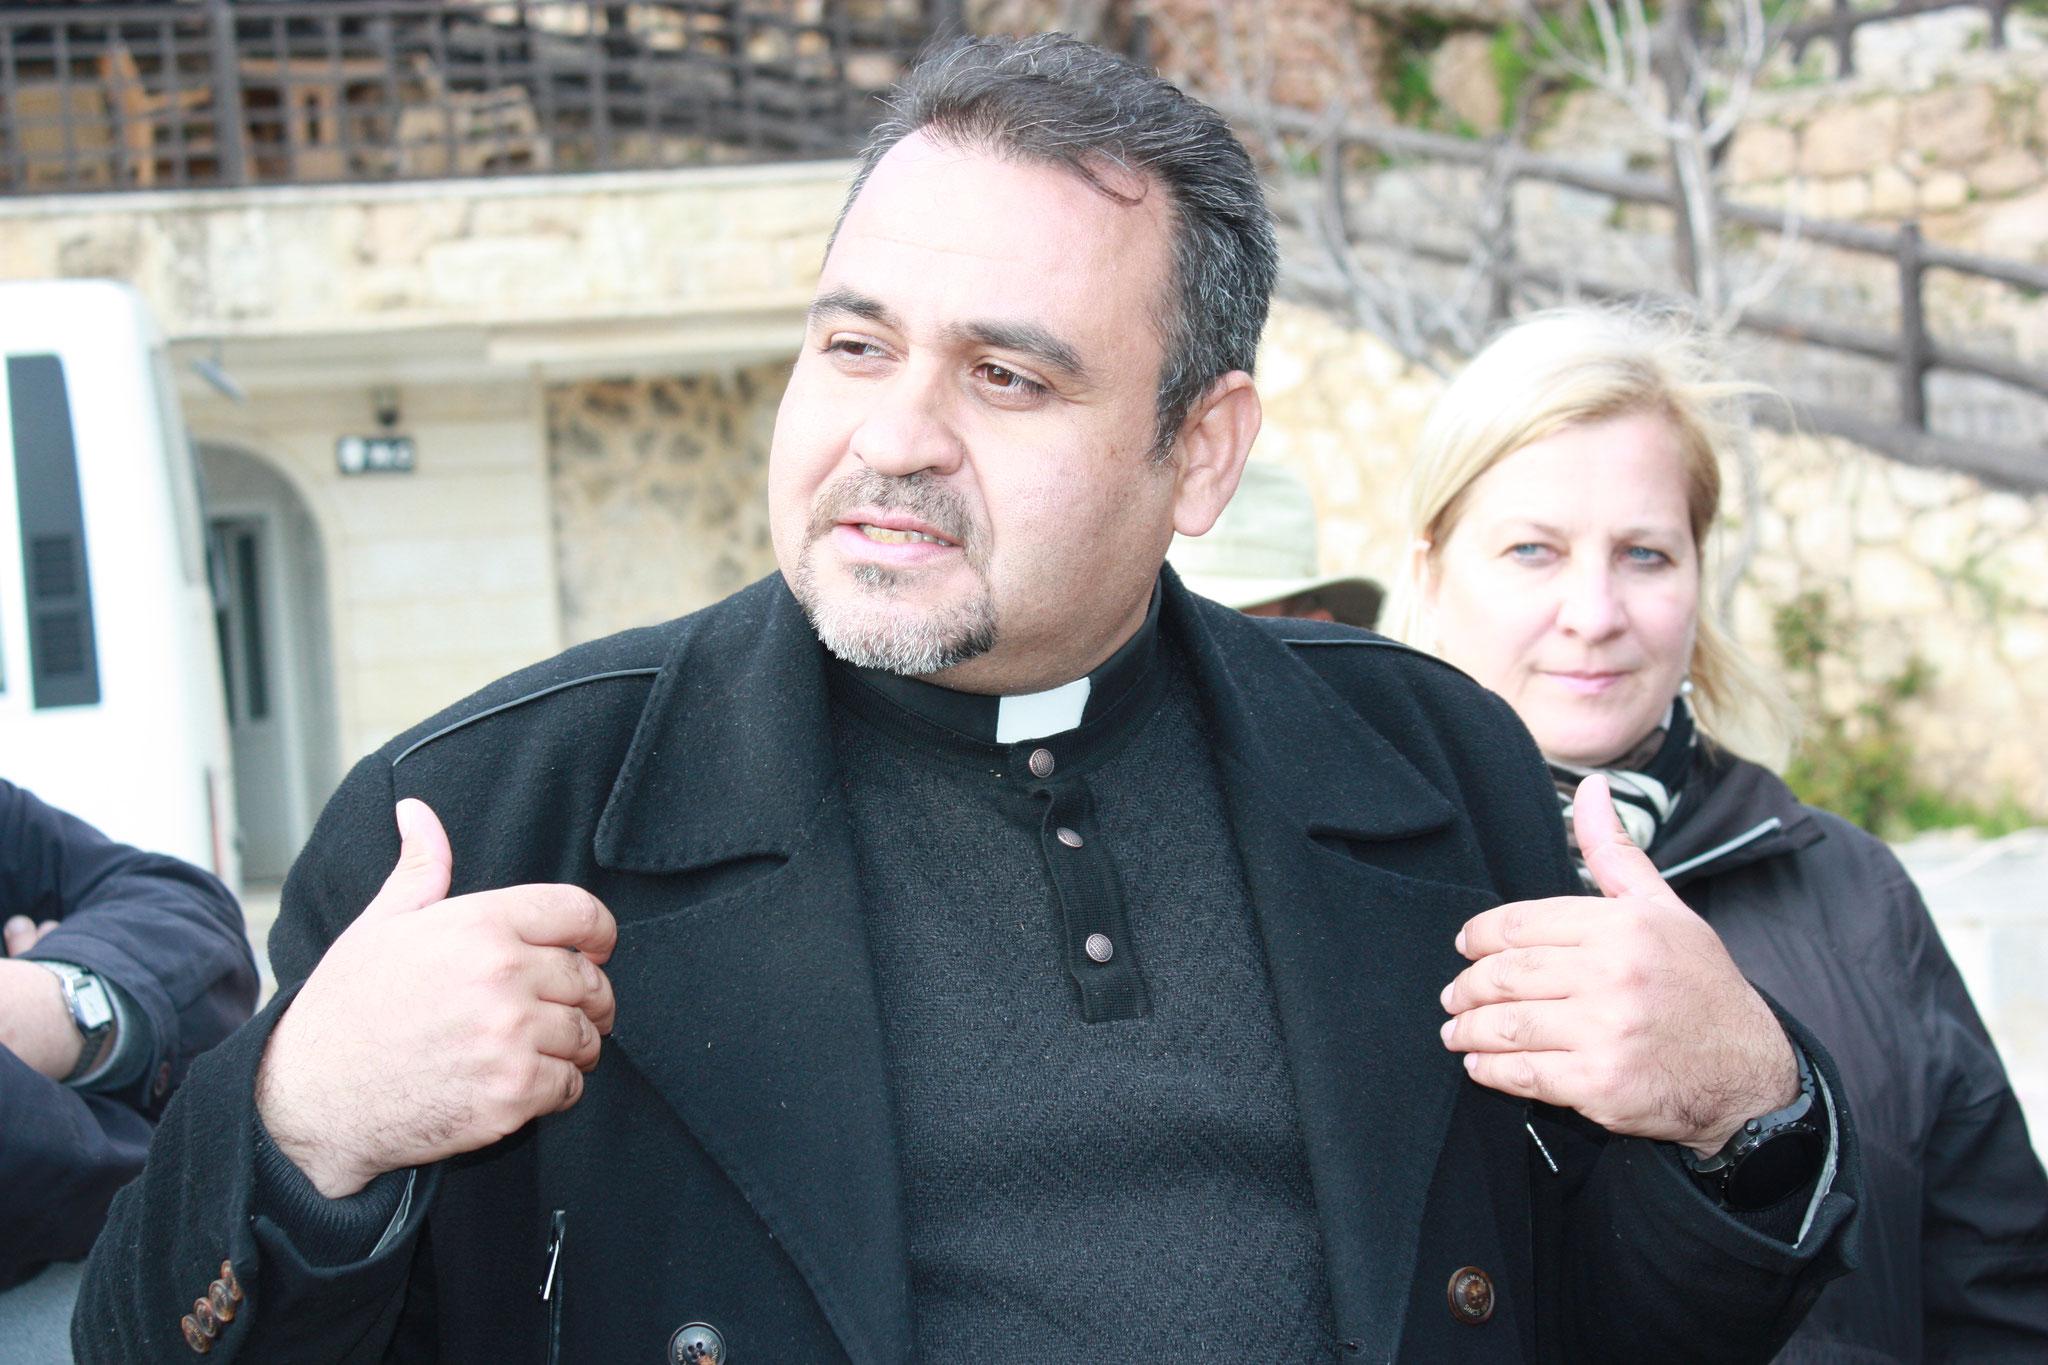 Der chaldäische Priester Samir Yousif ist ein wichtiger Projektpartner der ICO